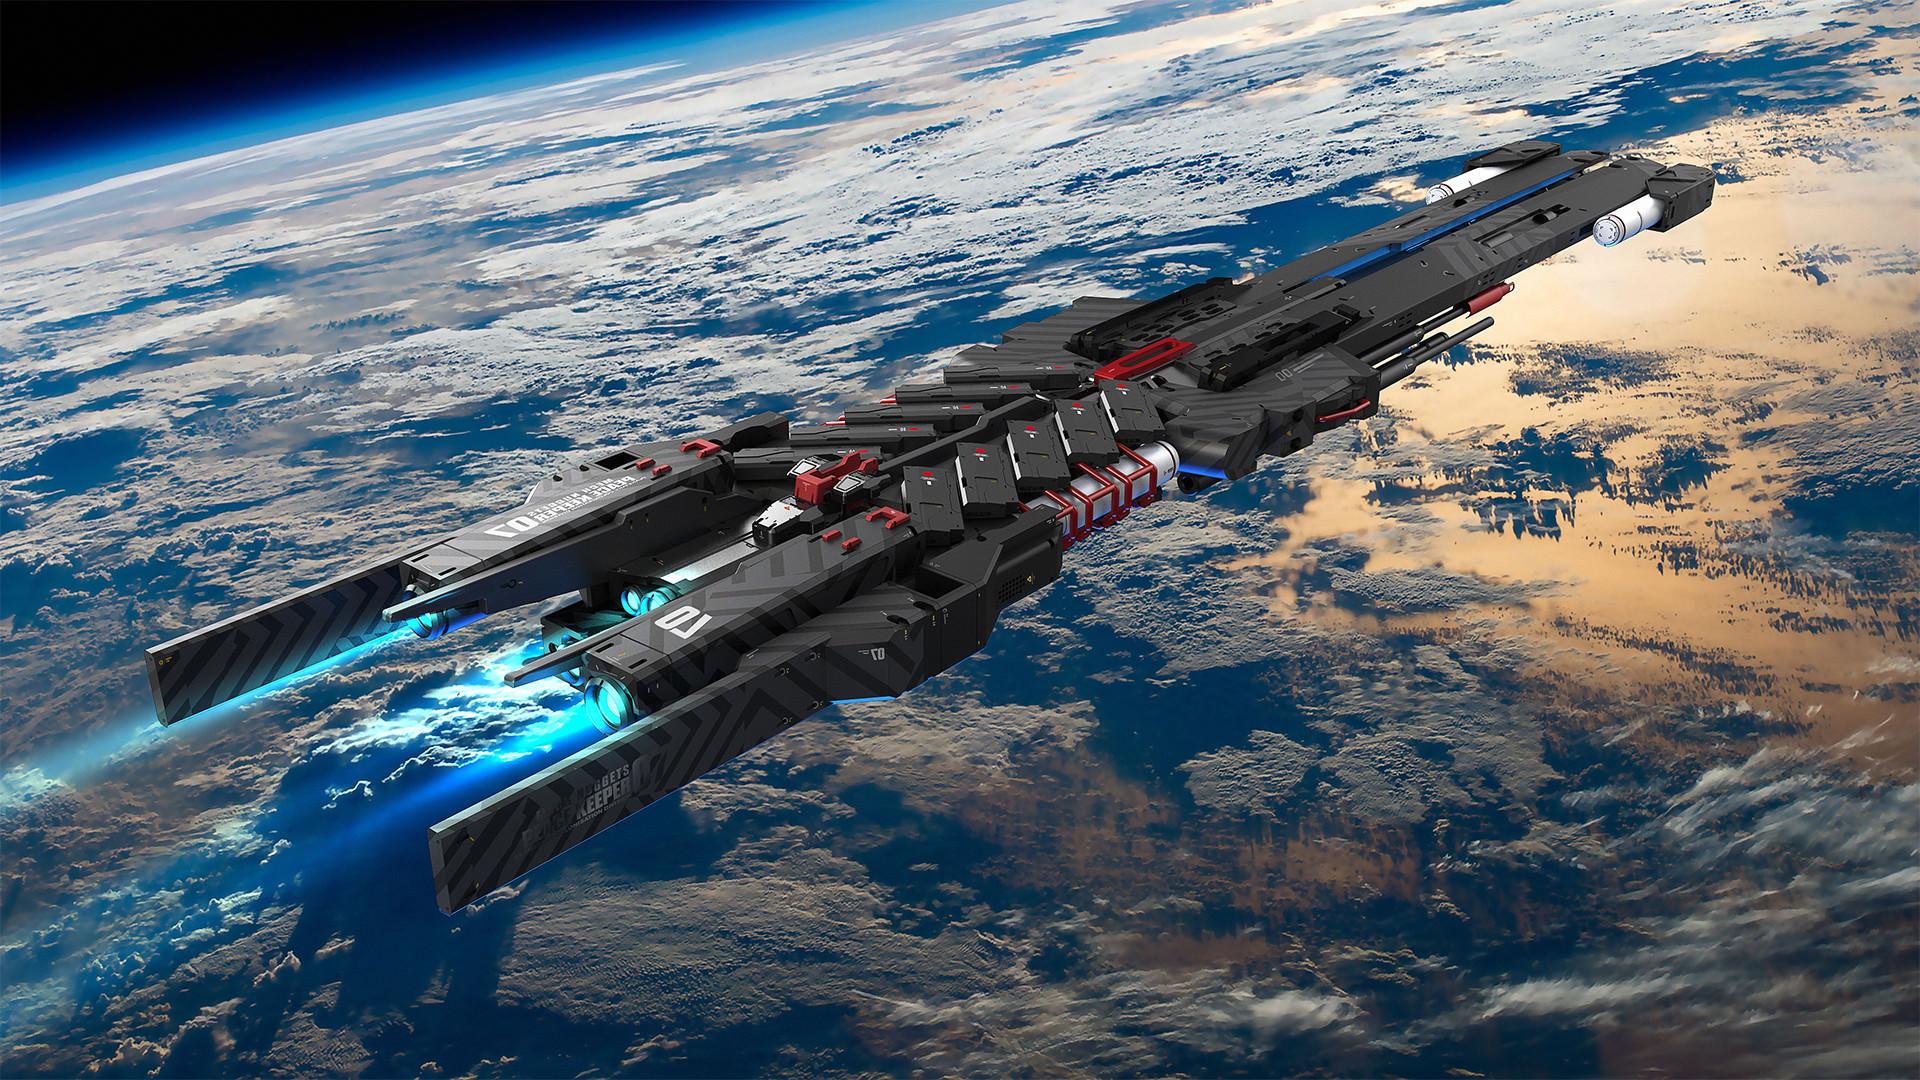 картинки космического корабля будущего